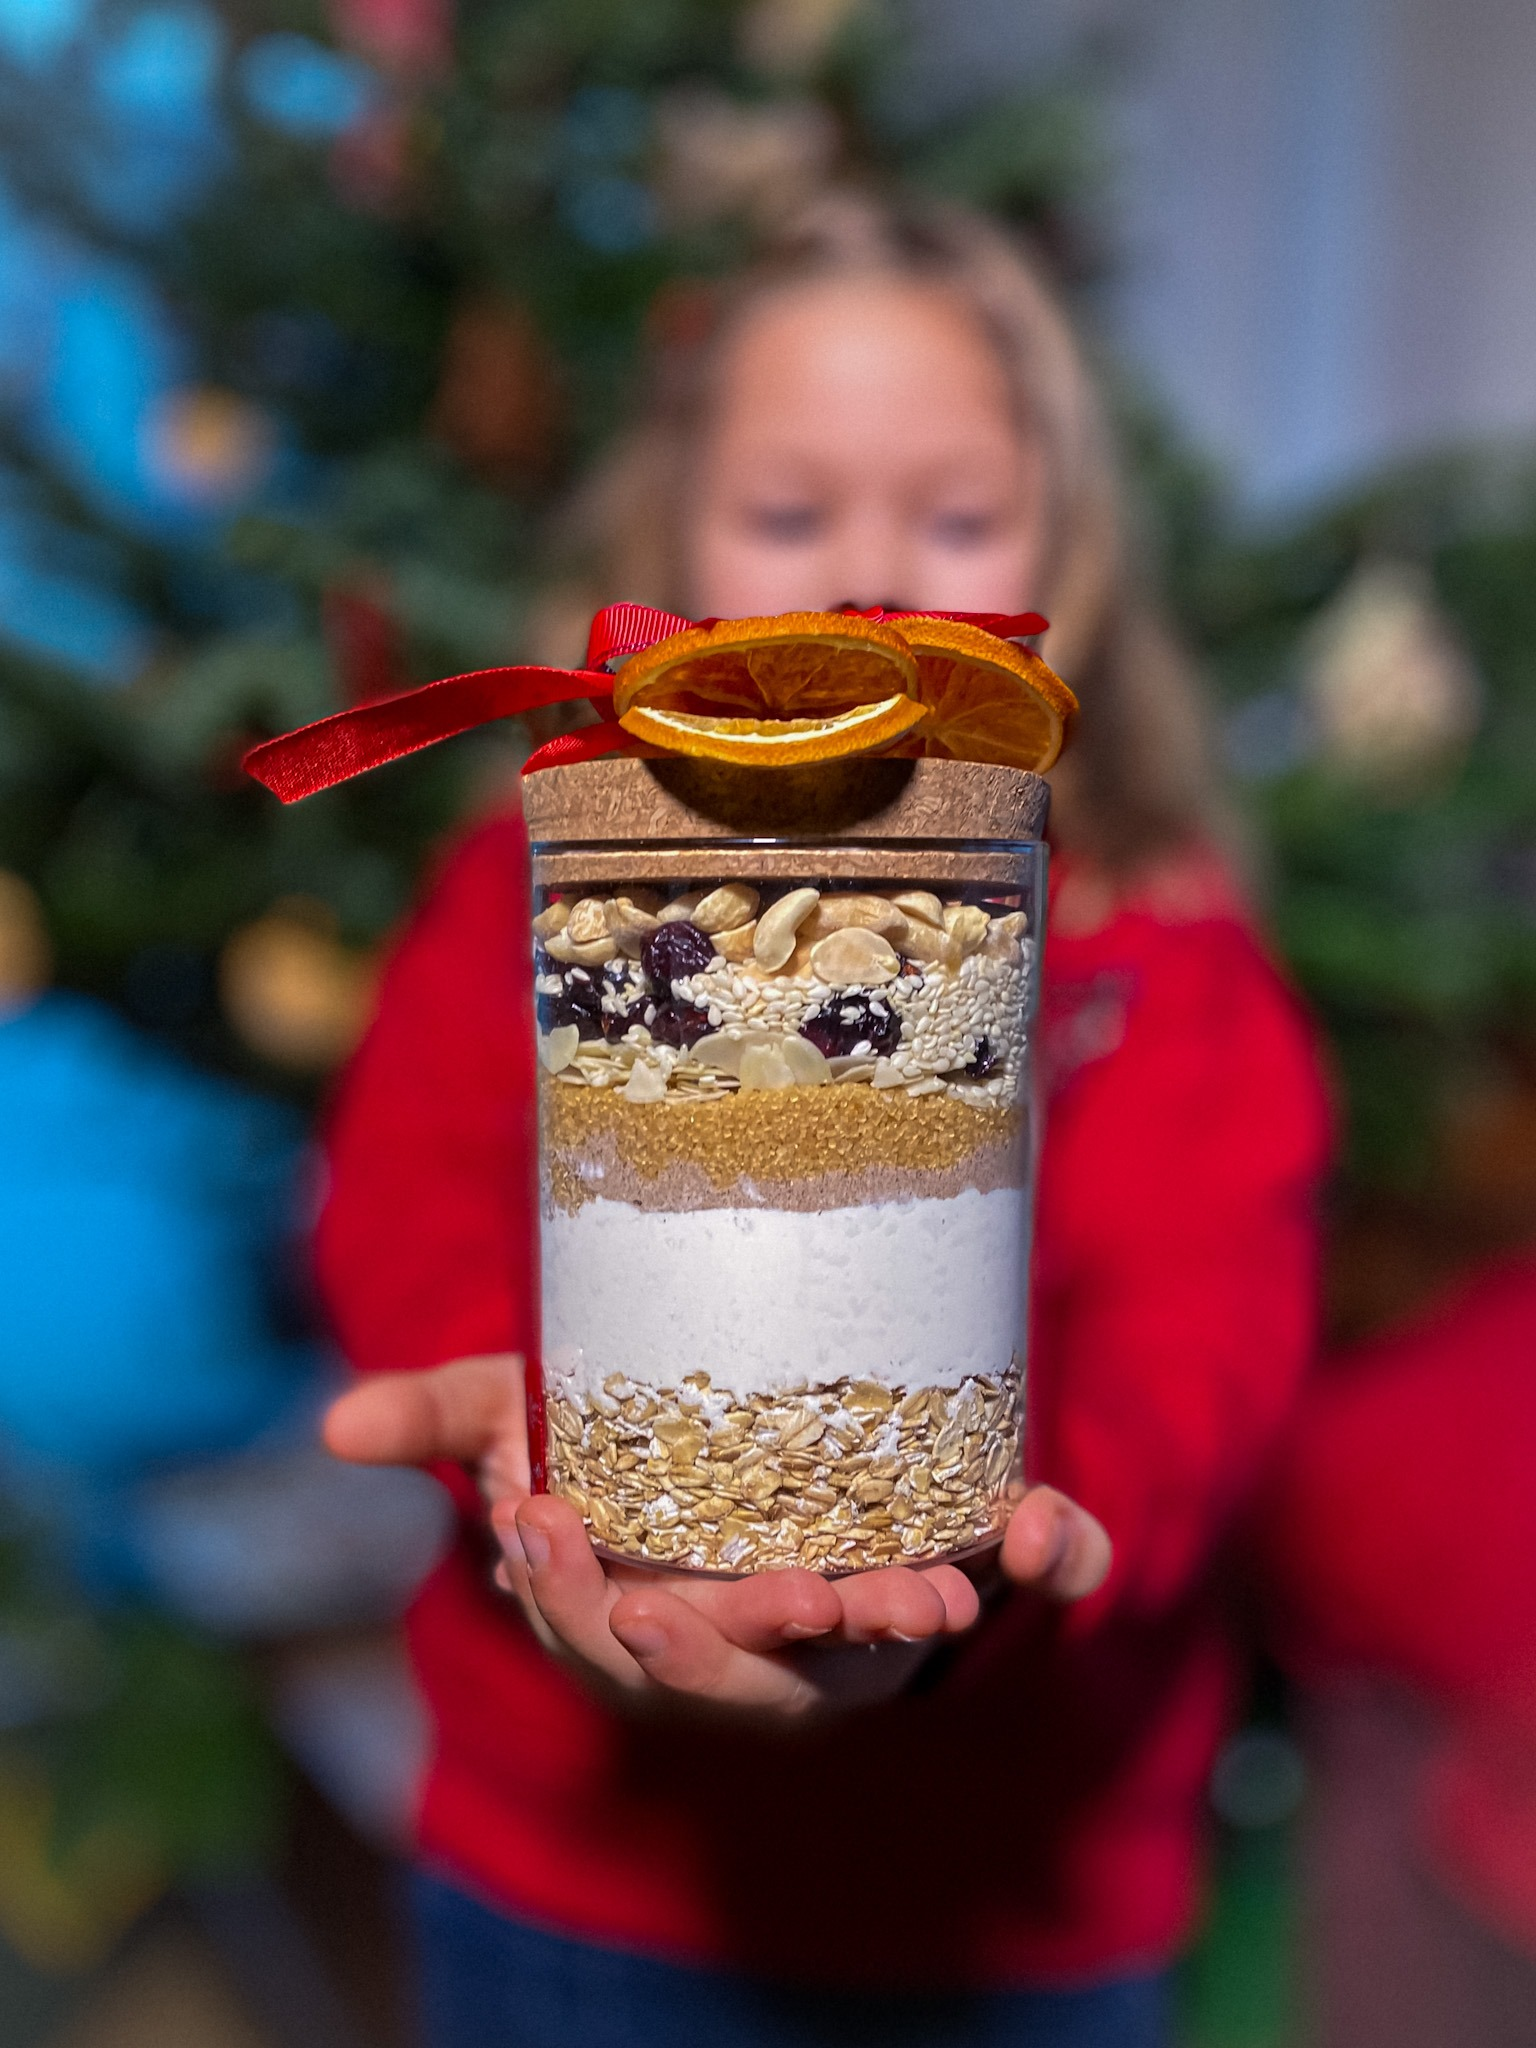 Ciastka na prezent – zrób to sam (DIY)Ciastka na prezent – zrób to sam (DIY)